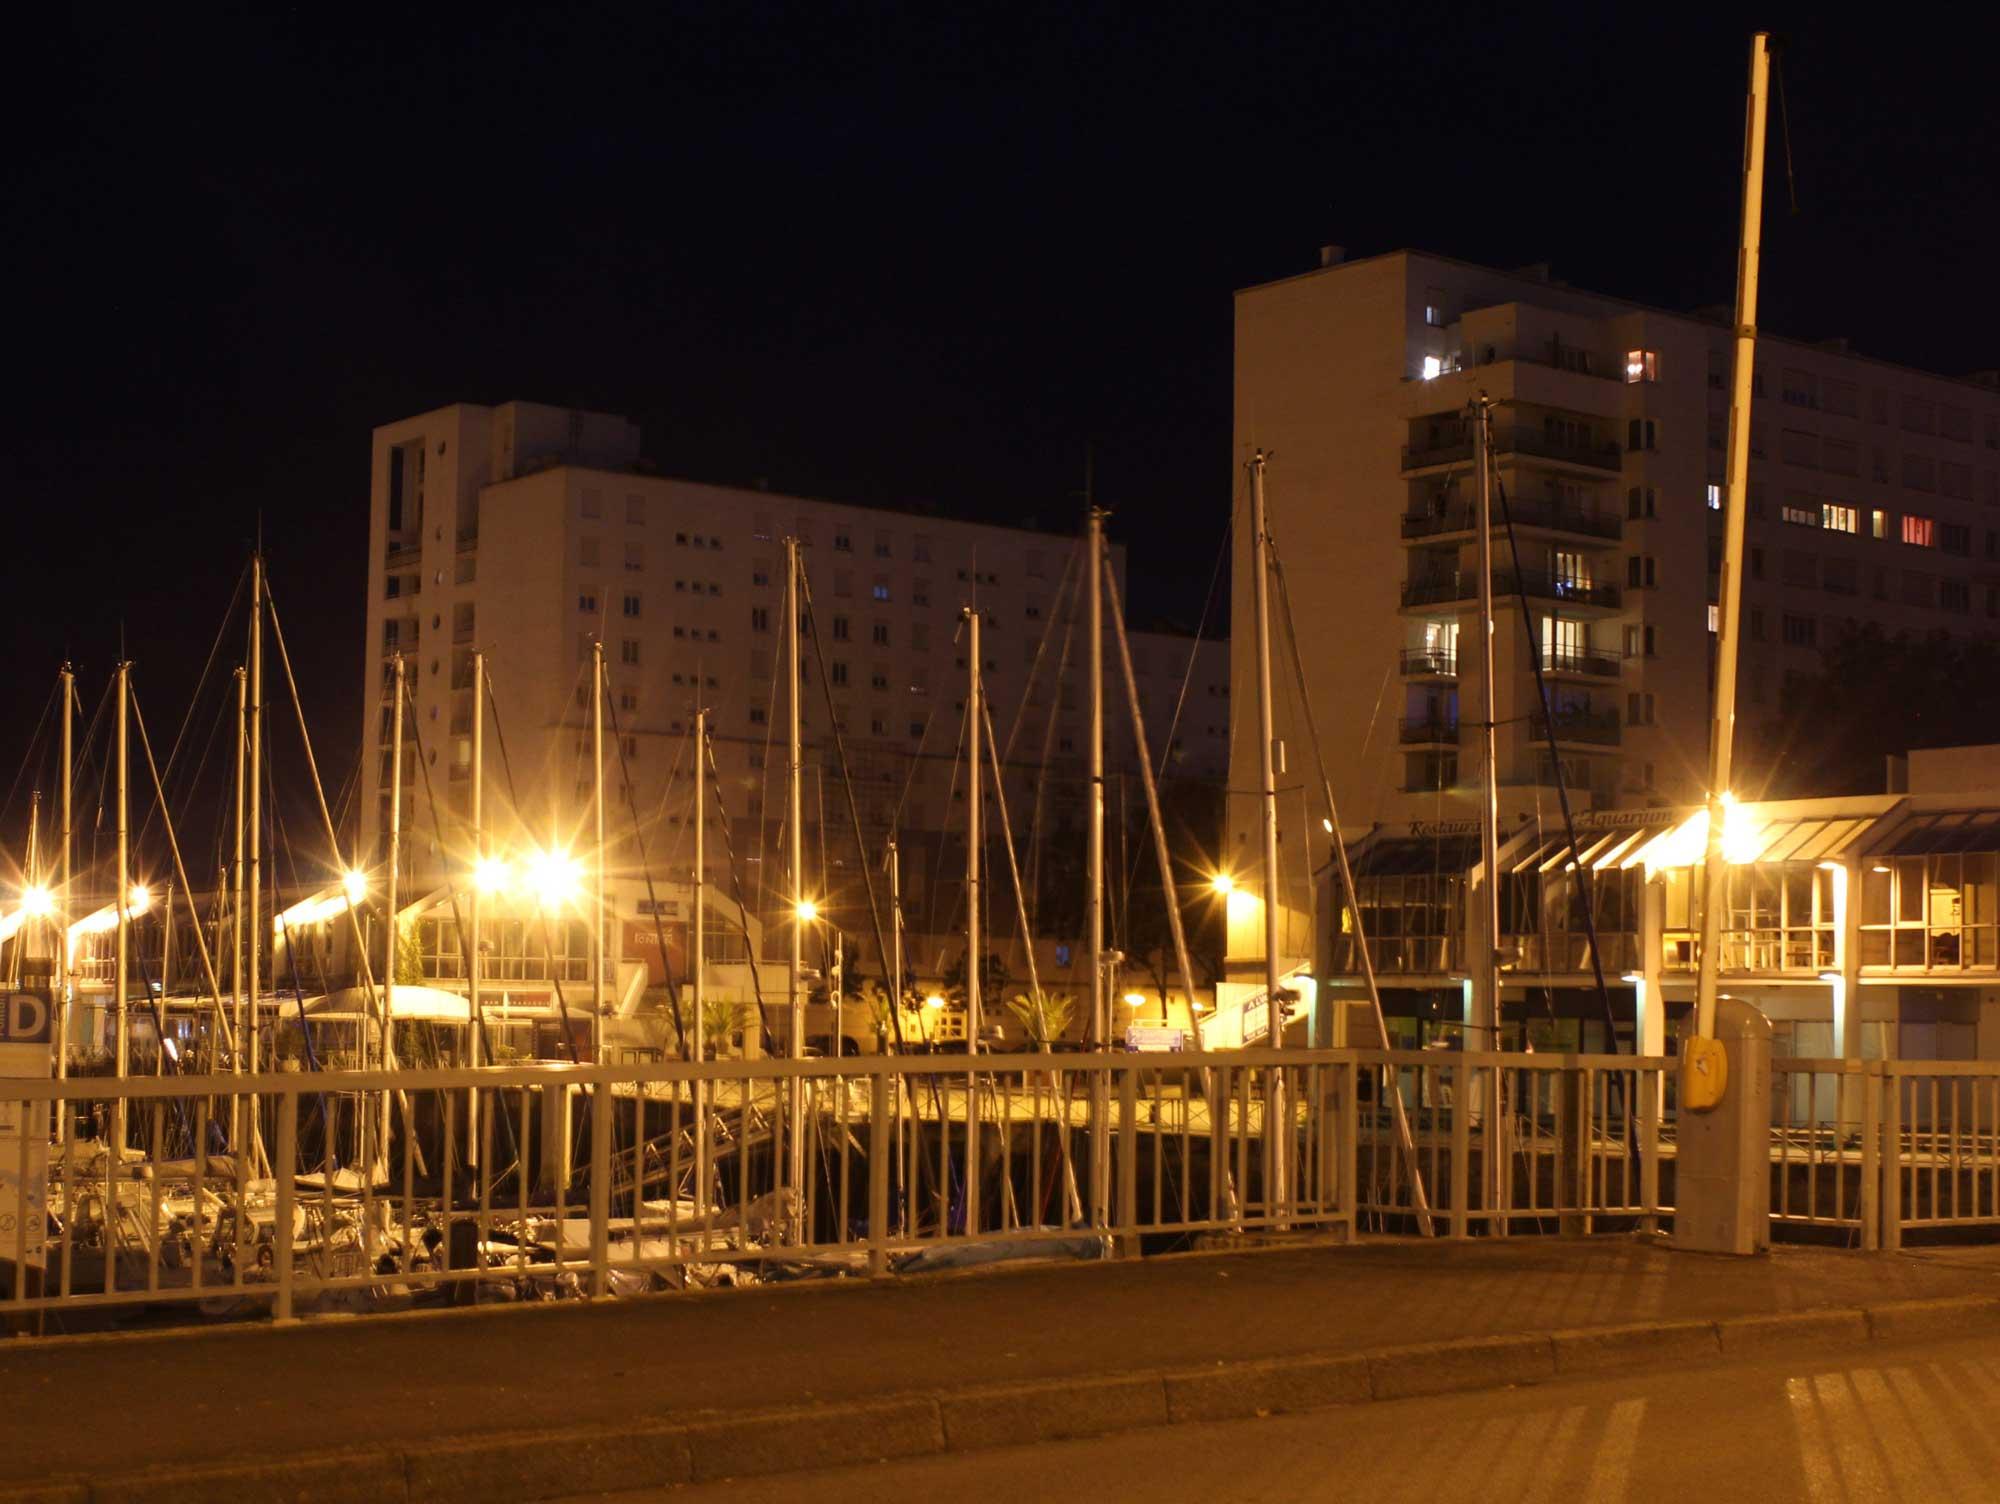 Quai de Rohan en 2020, de nuit - photo d'Olivier Brohan